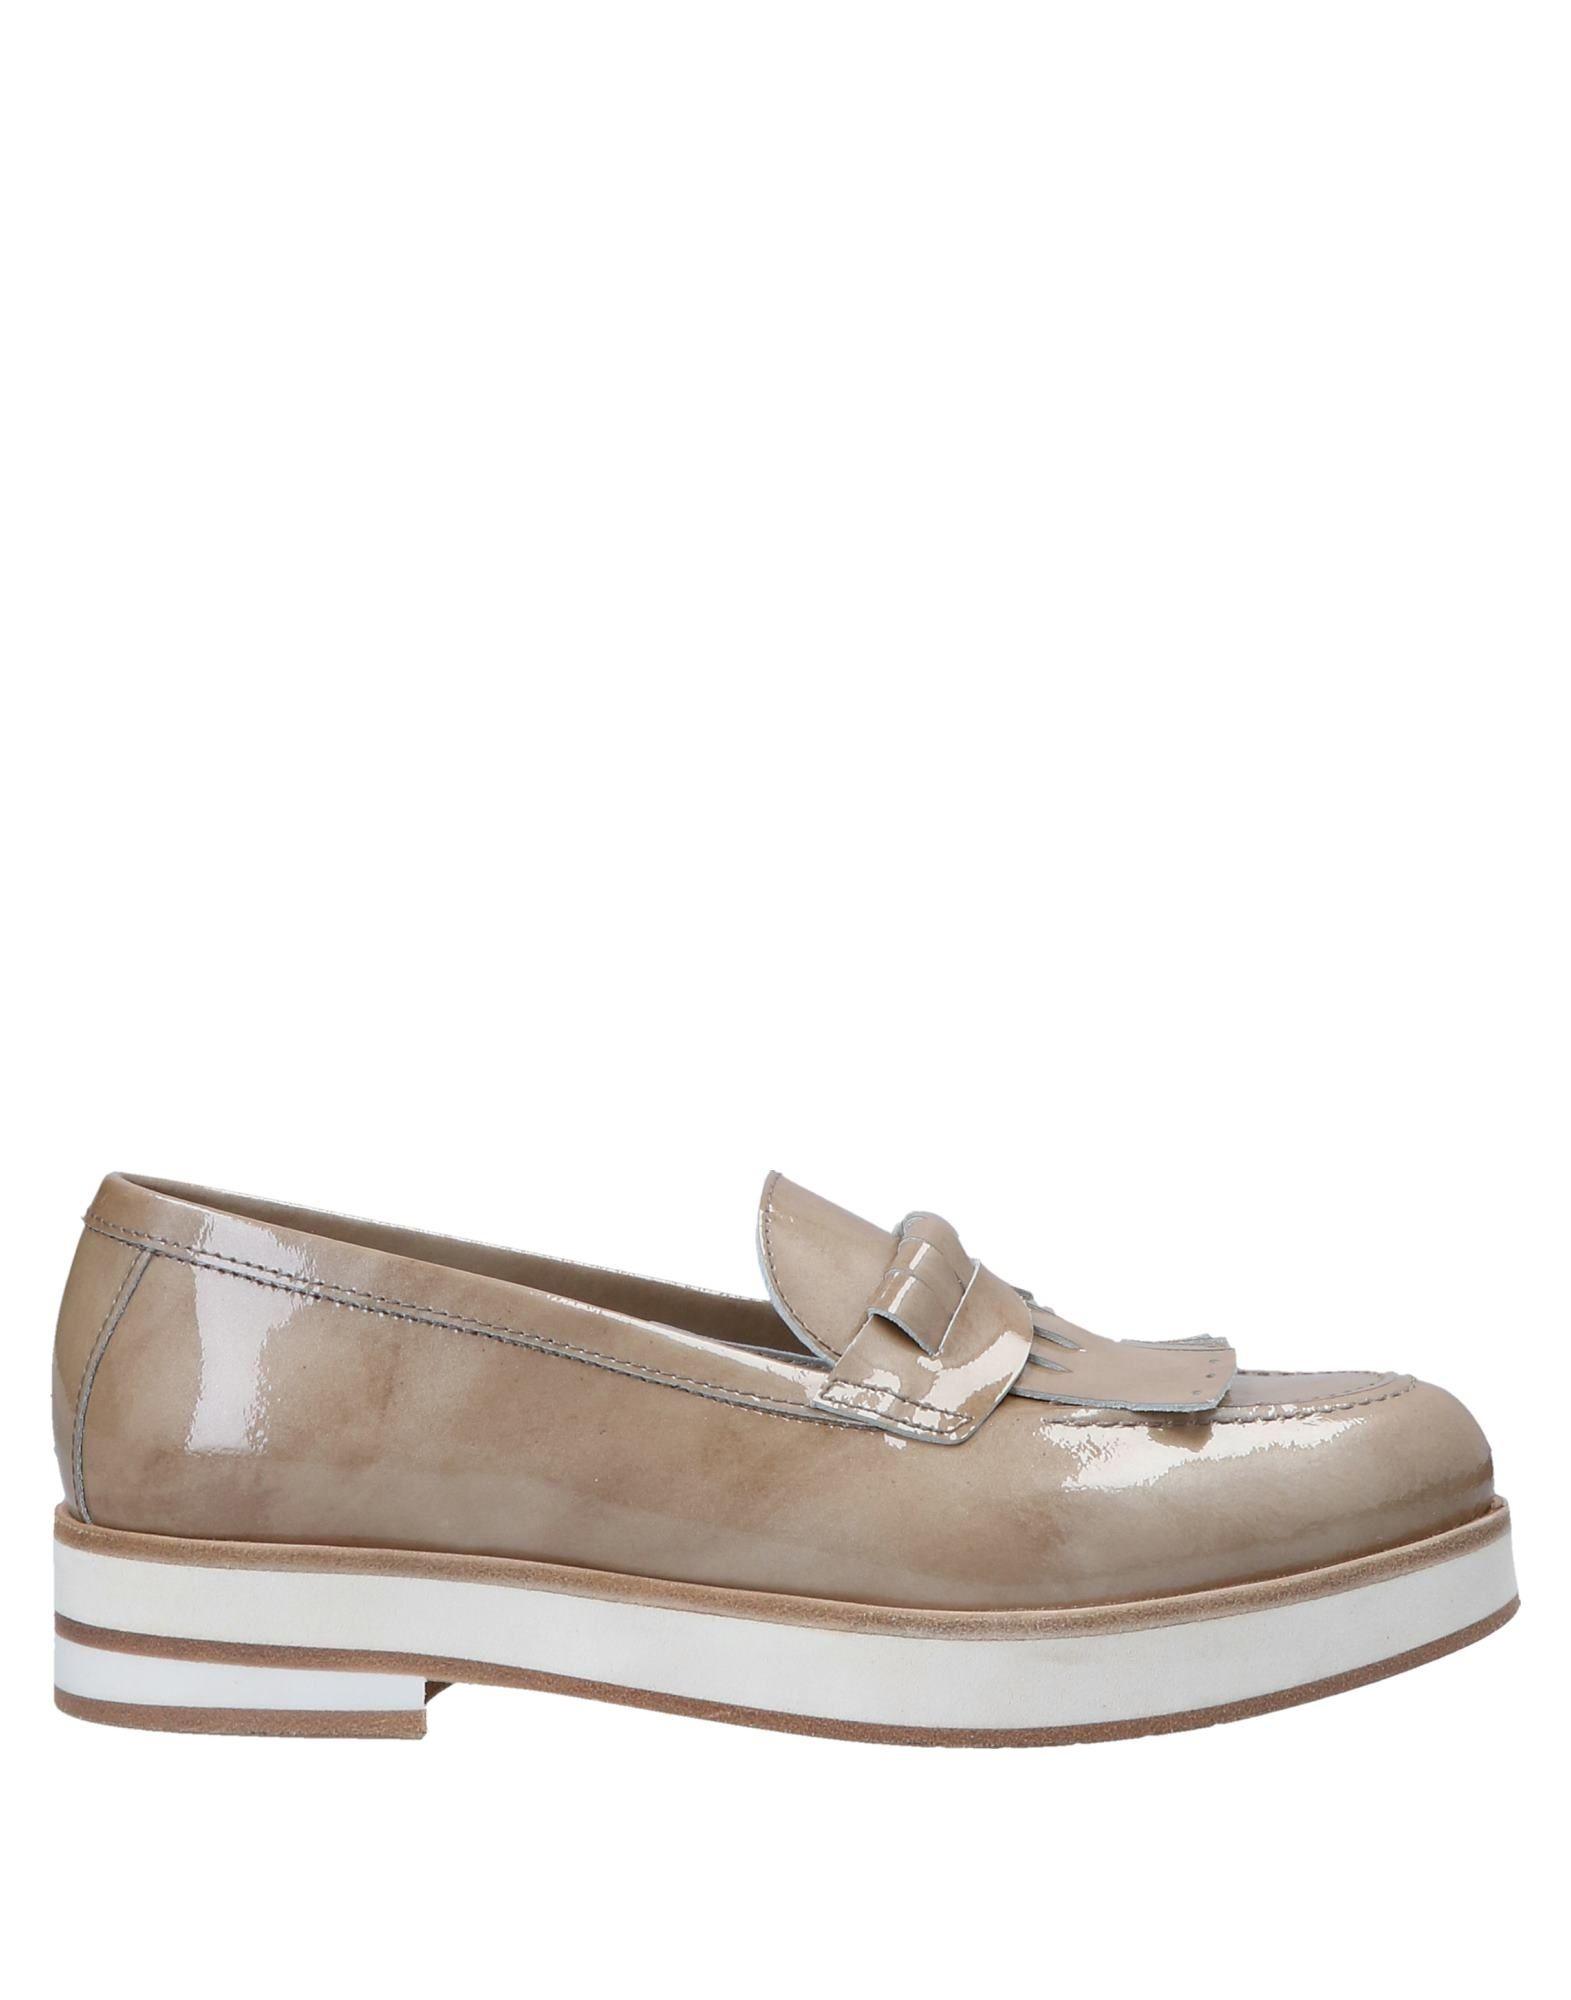 Marechiaro 1962 Gute Mokassins Damen  11547806BE Gute 1962 Qualität beliebte Schuhe bad9f7